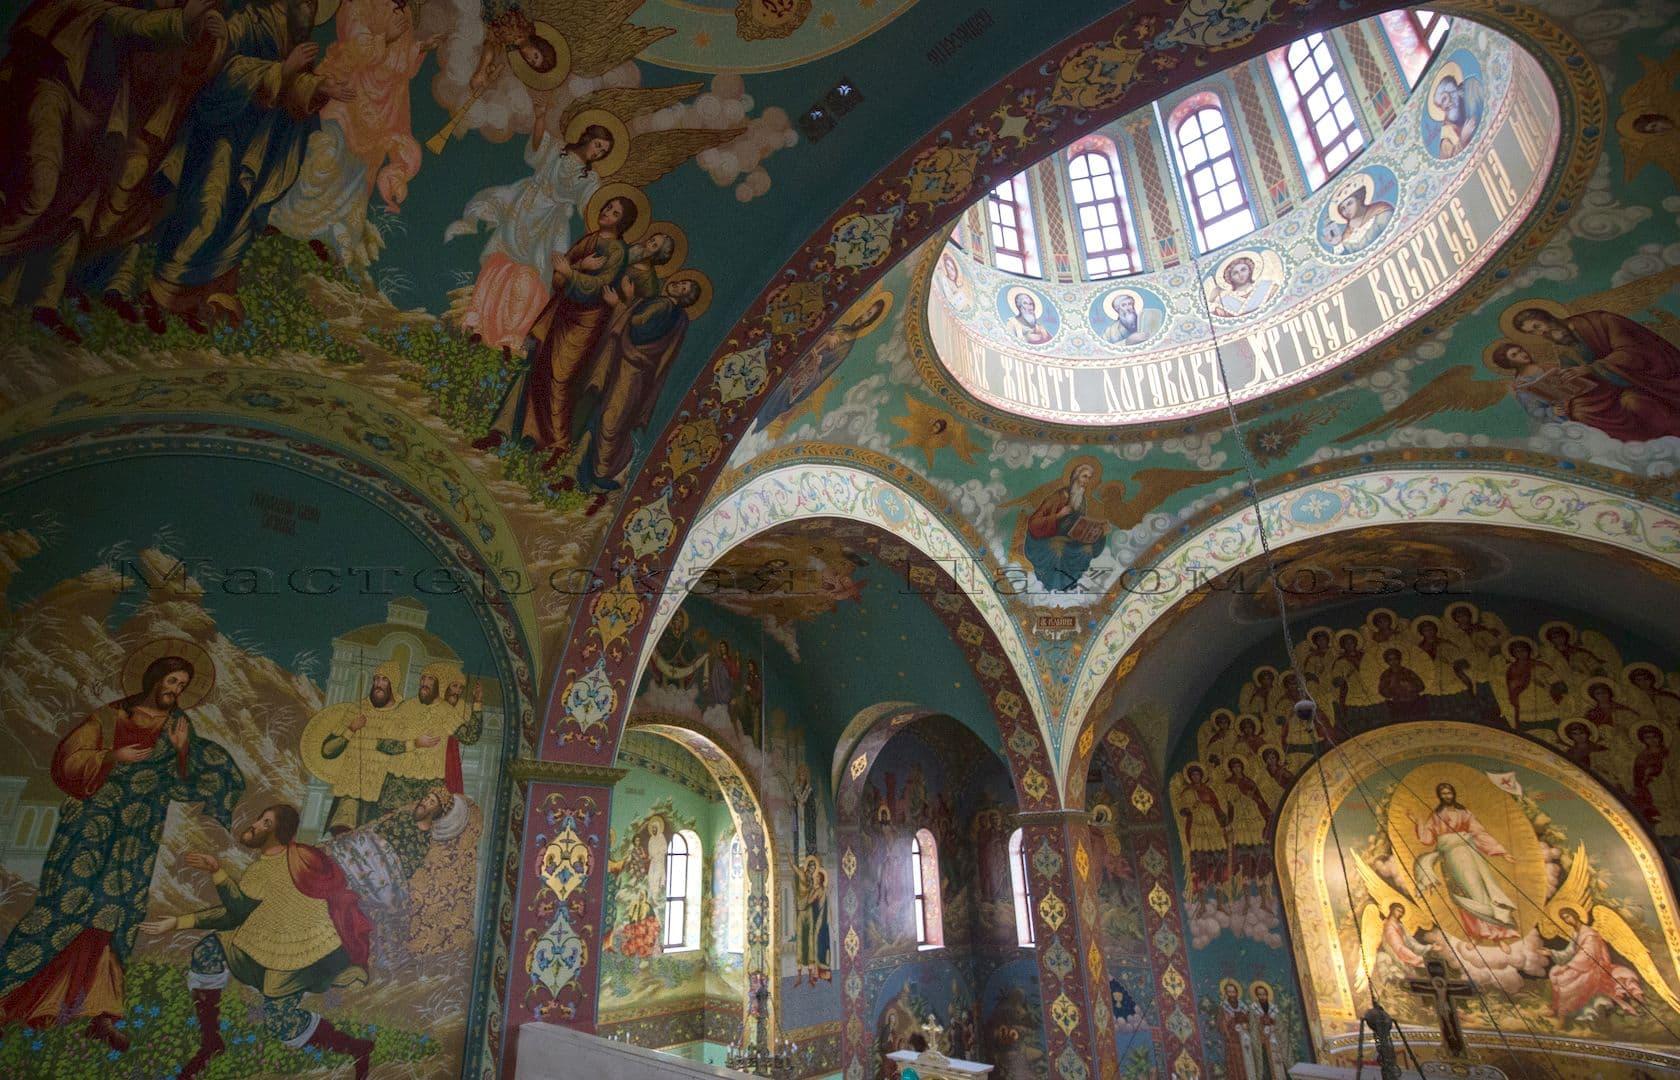 Нашими иконописцами расписаны более 3000 кв.м стен храма в ушаковском стиле